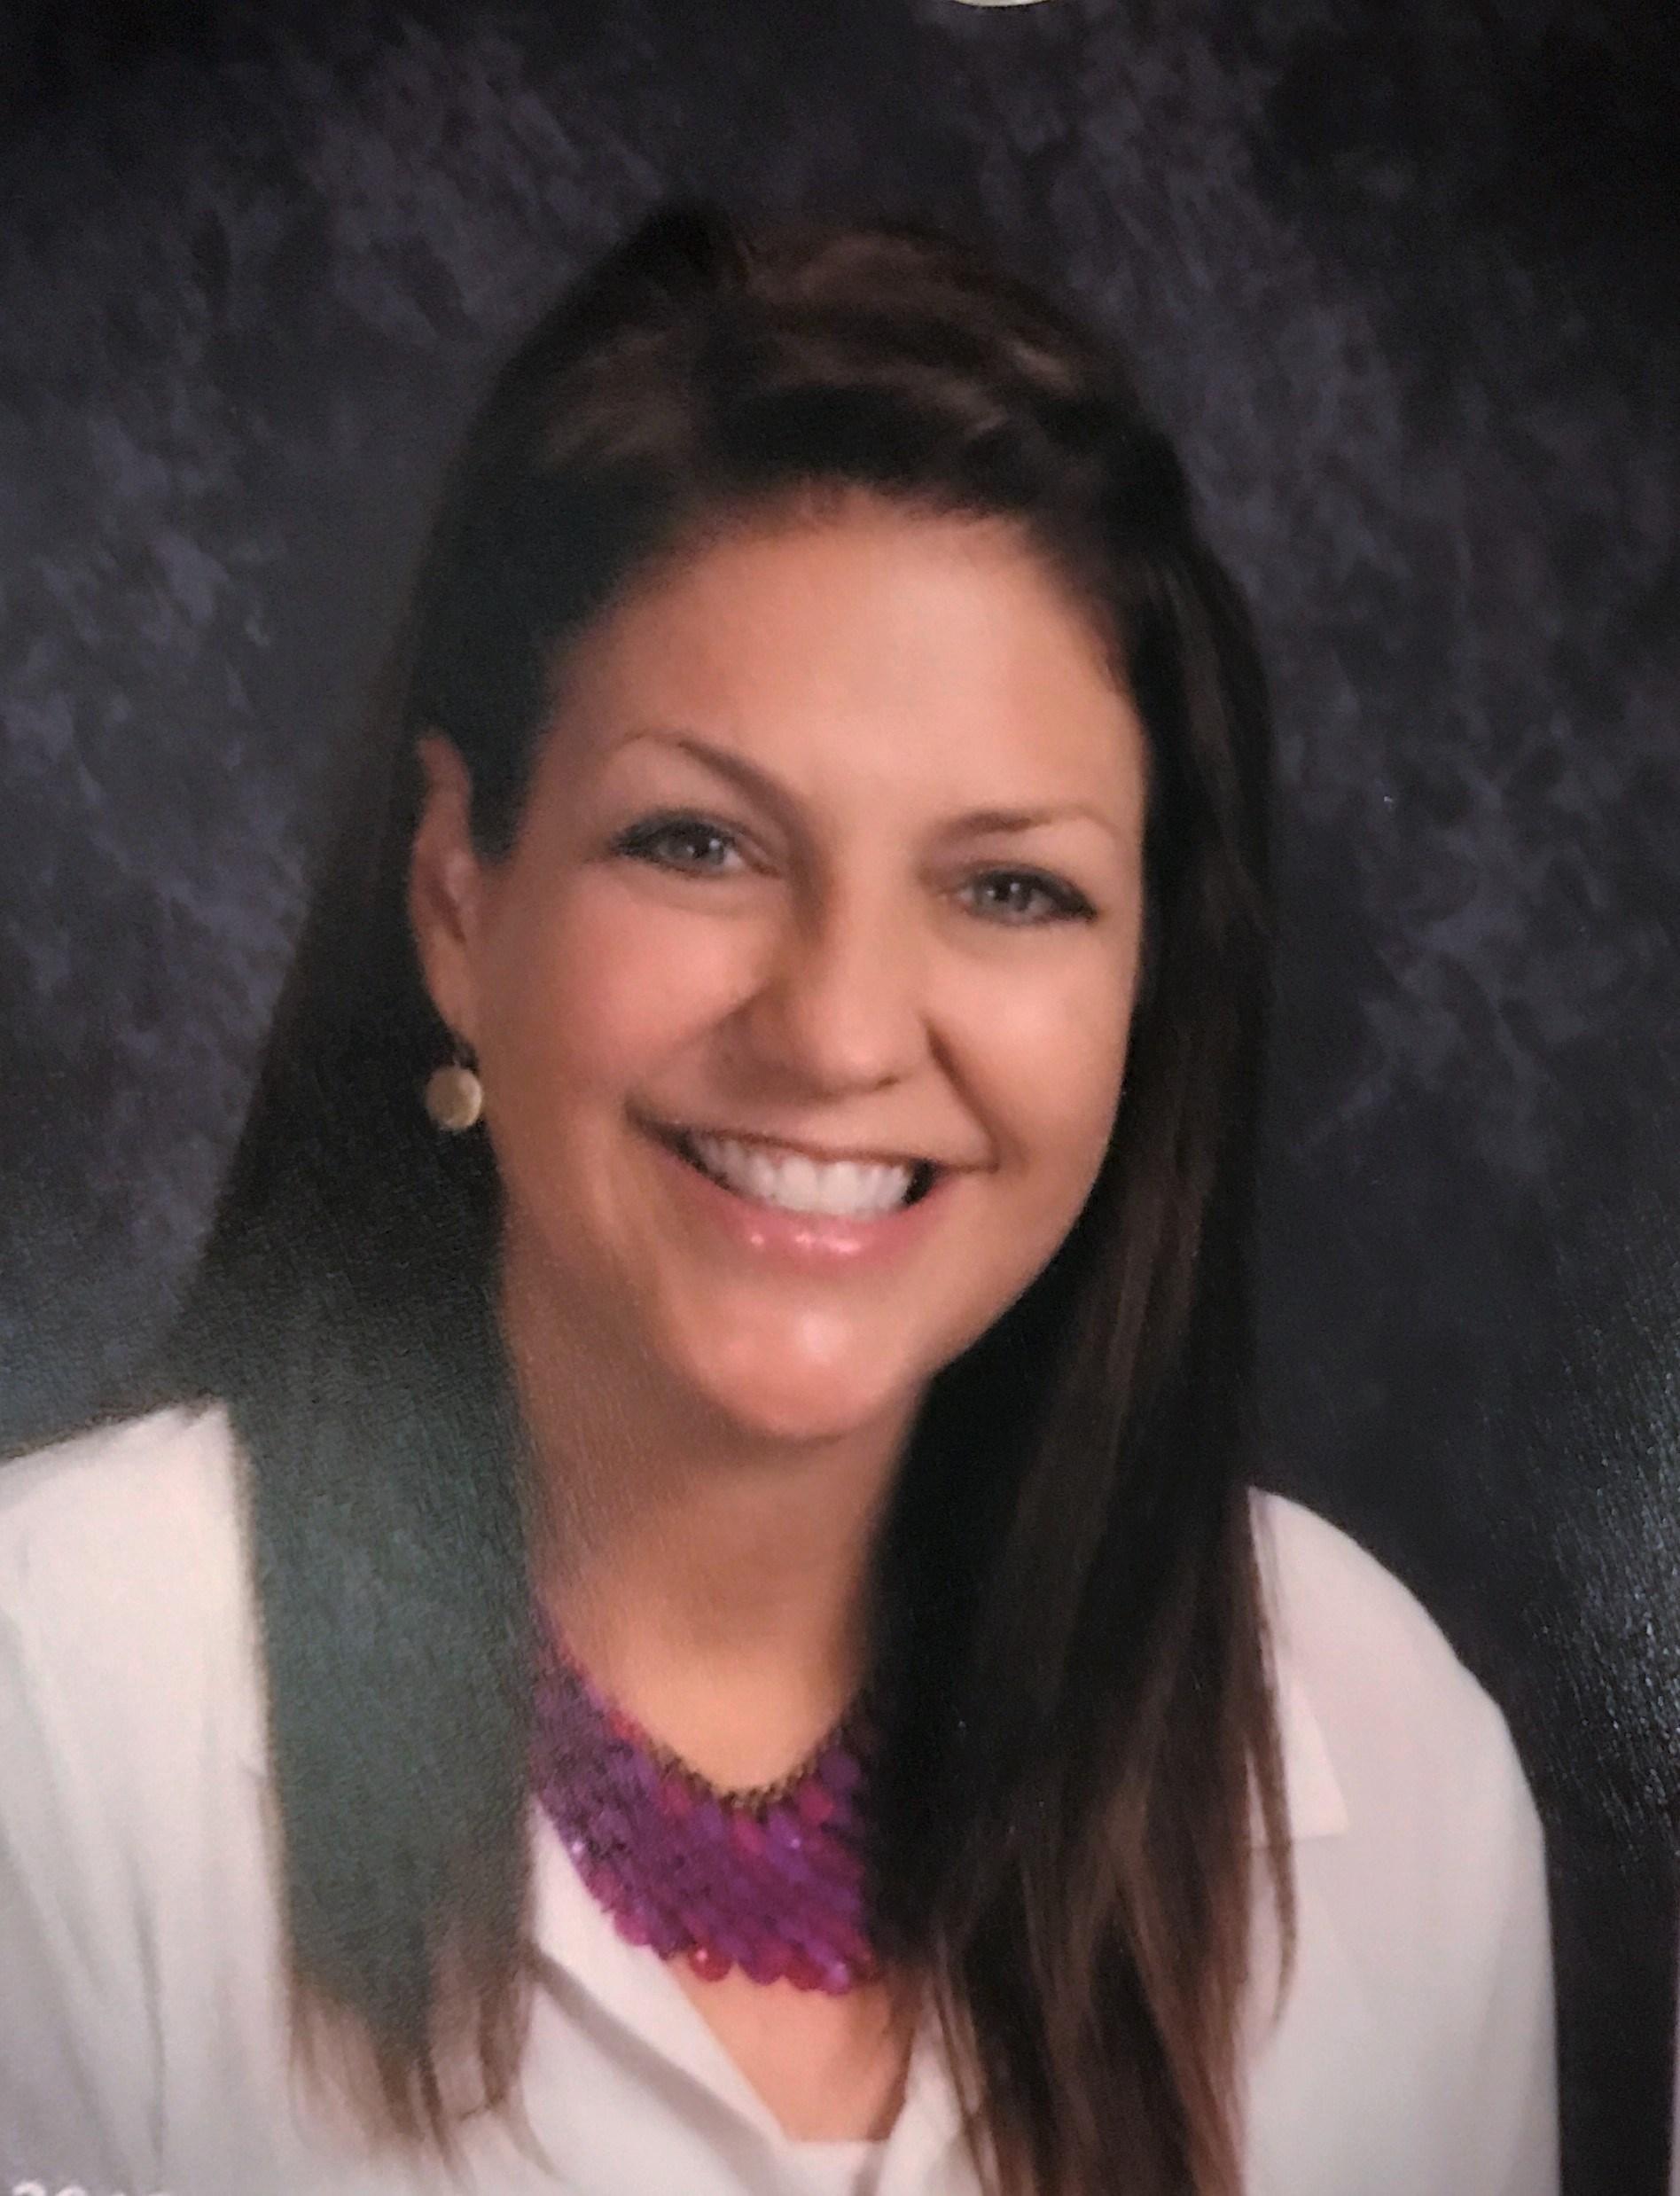 Mrs. Gainer